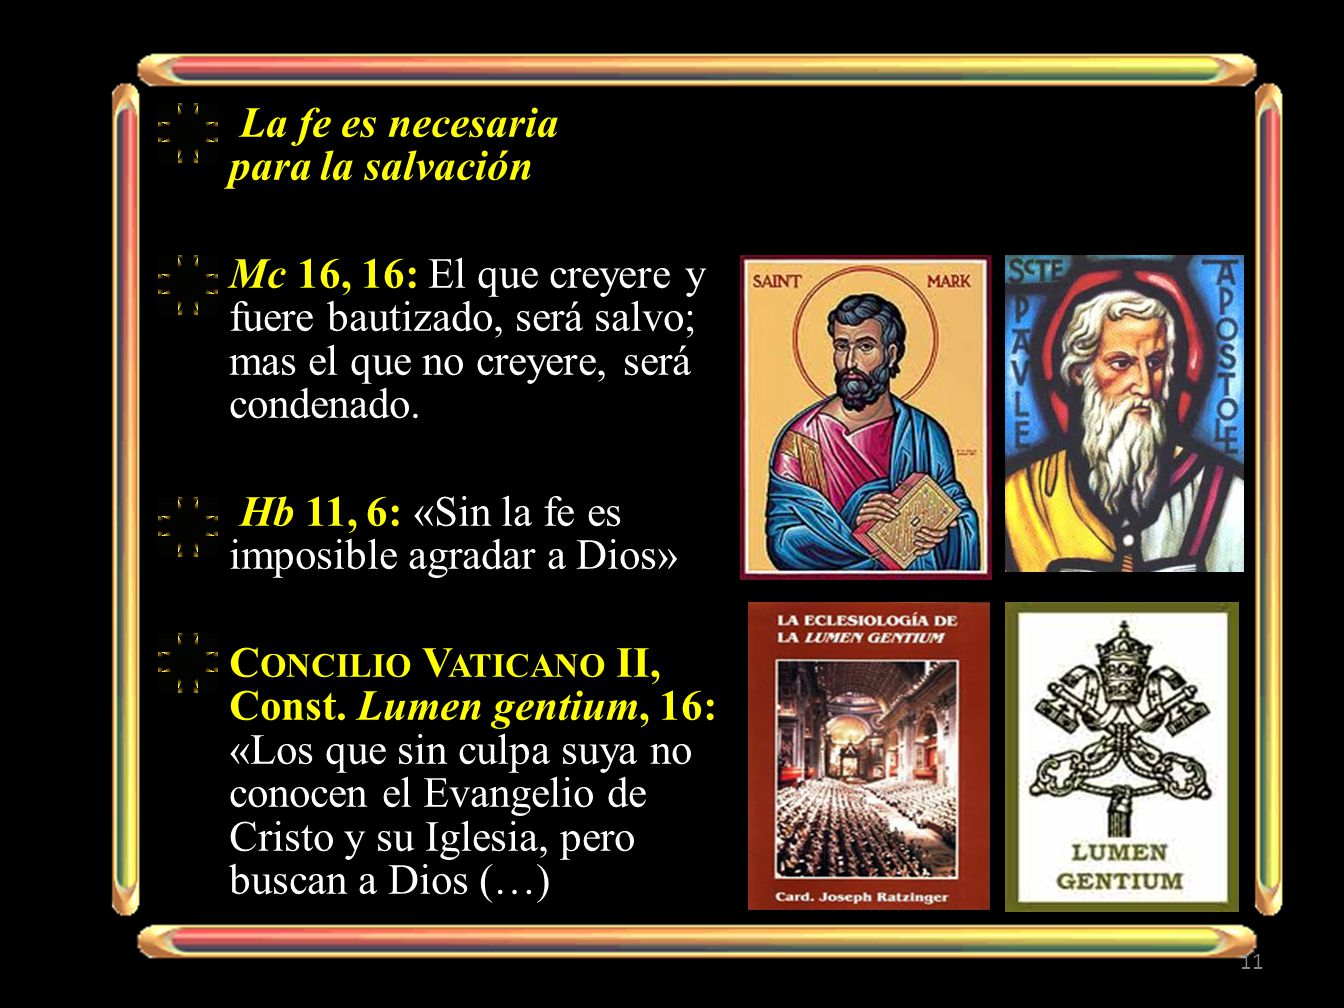 La fe es necesaria para la salvación